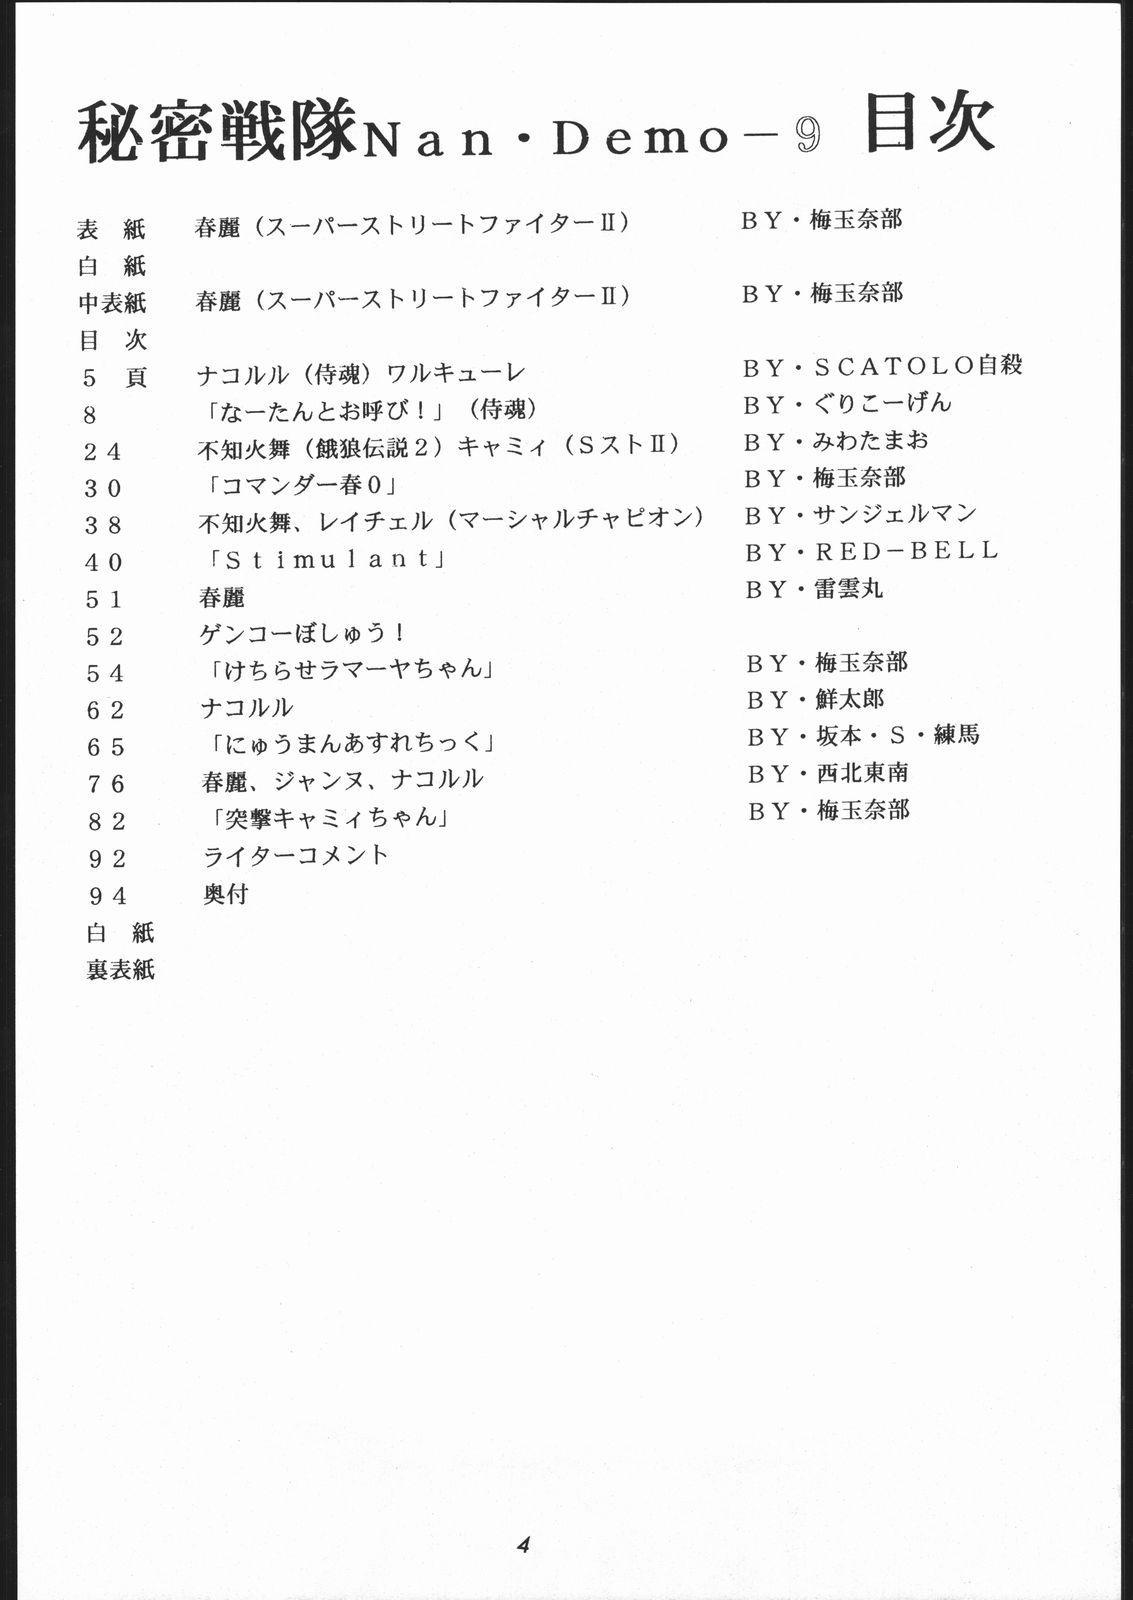 秘密戦隊Nan・Demo-9 2